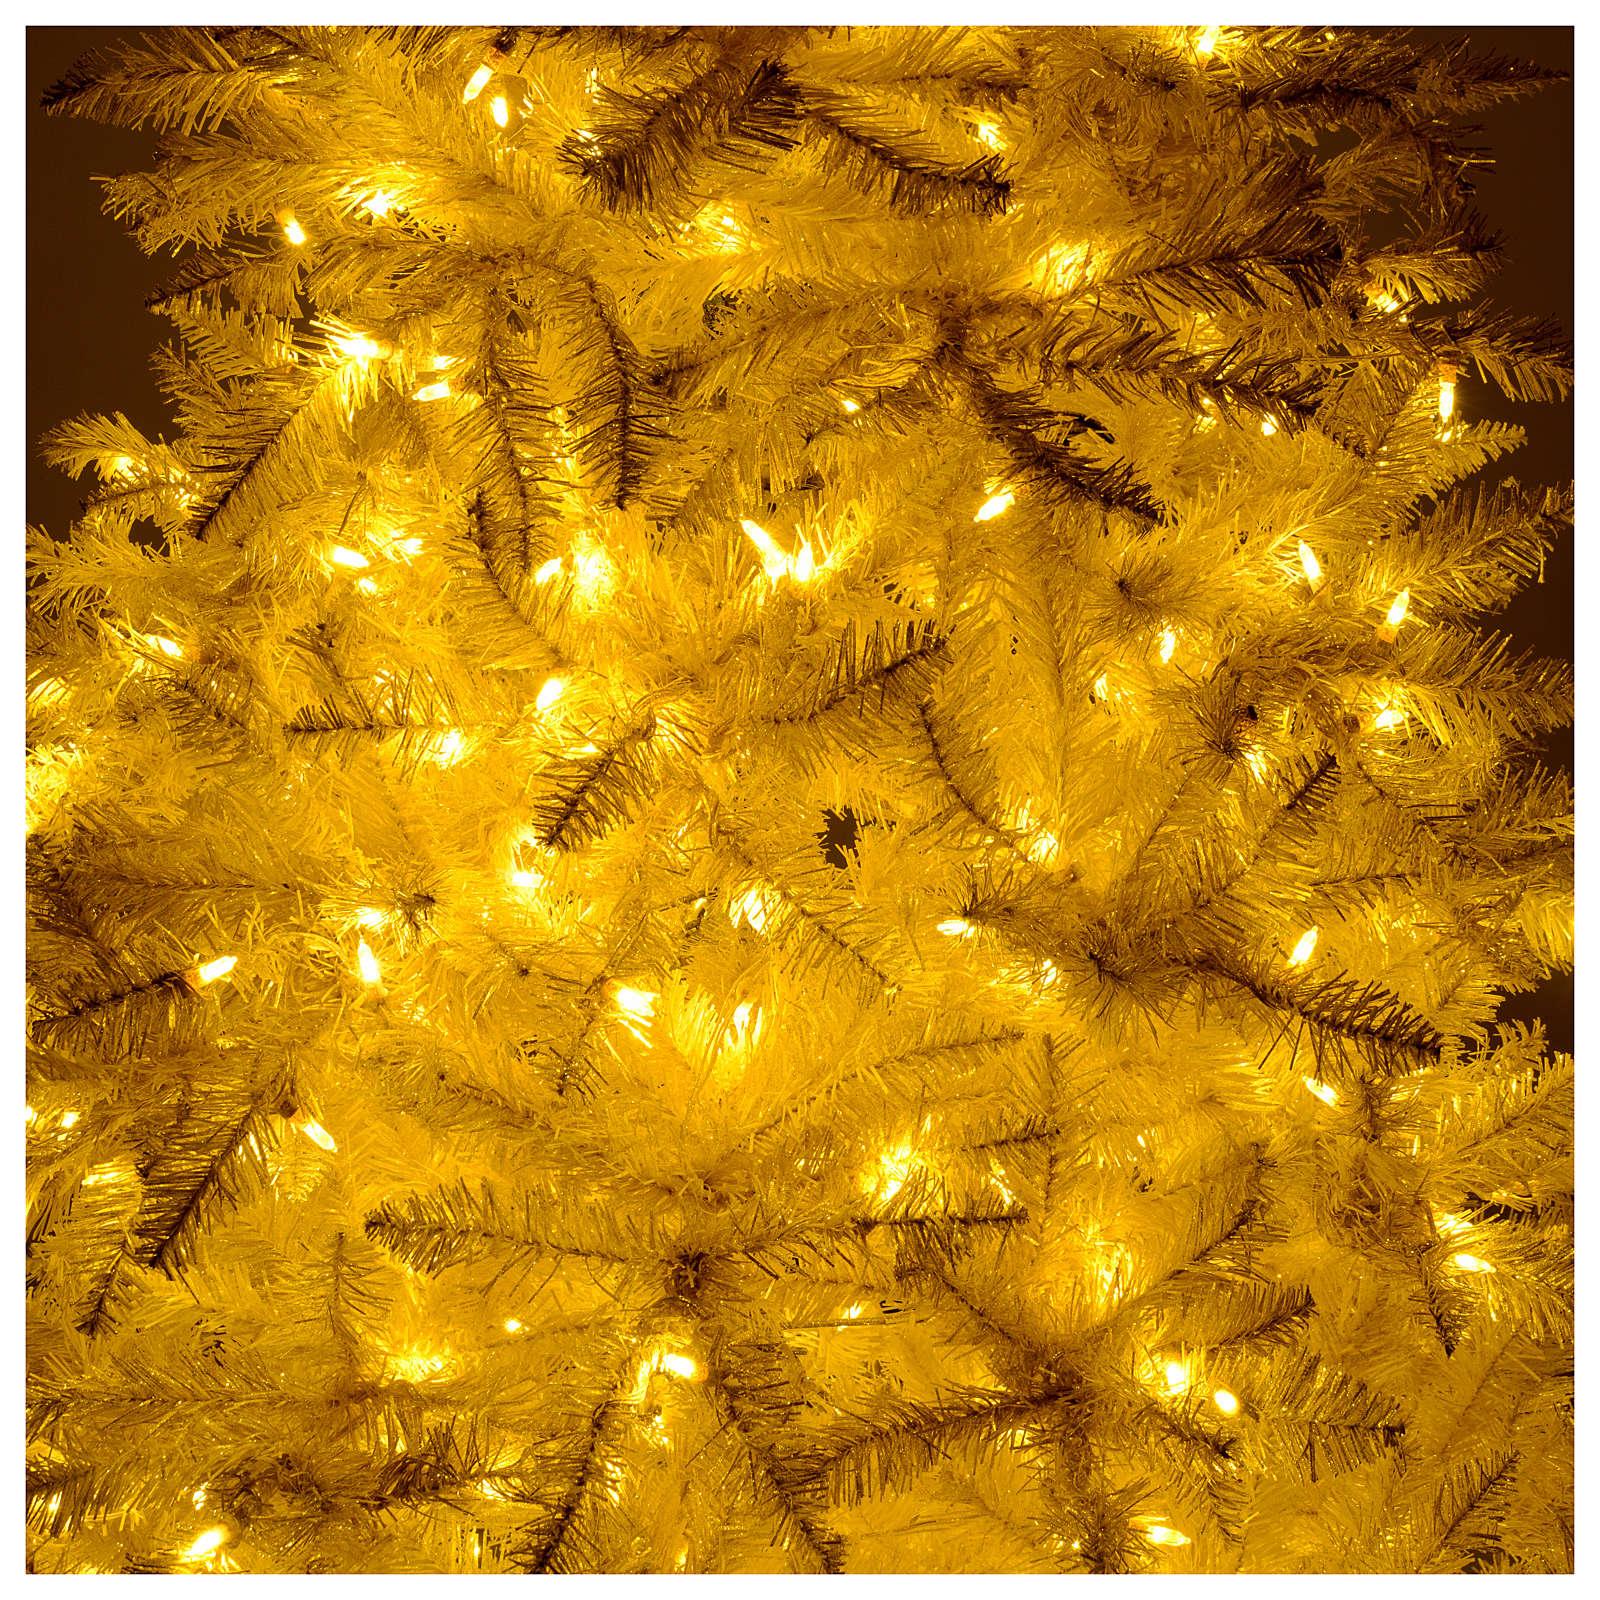 Árbol de Navidad 340 cm márfil 1600 luces LED purpurina oro 3